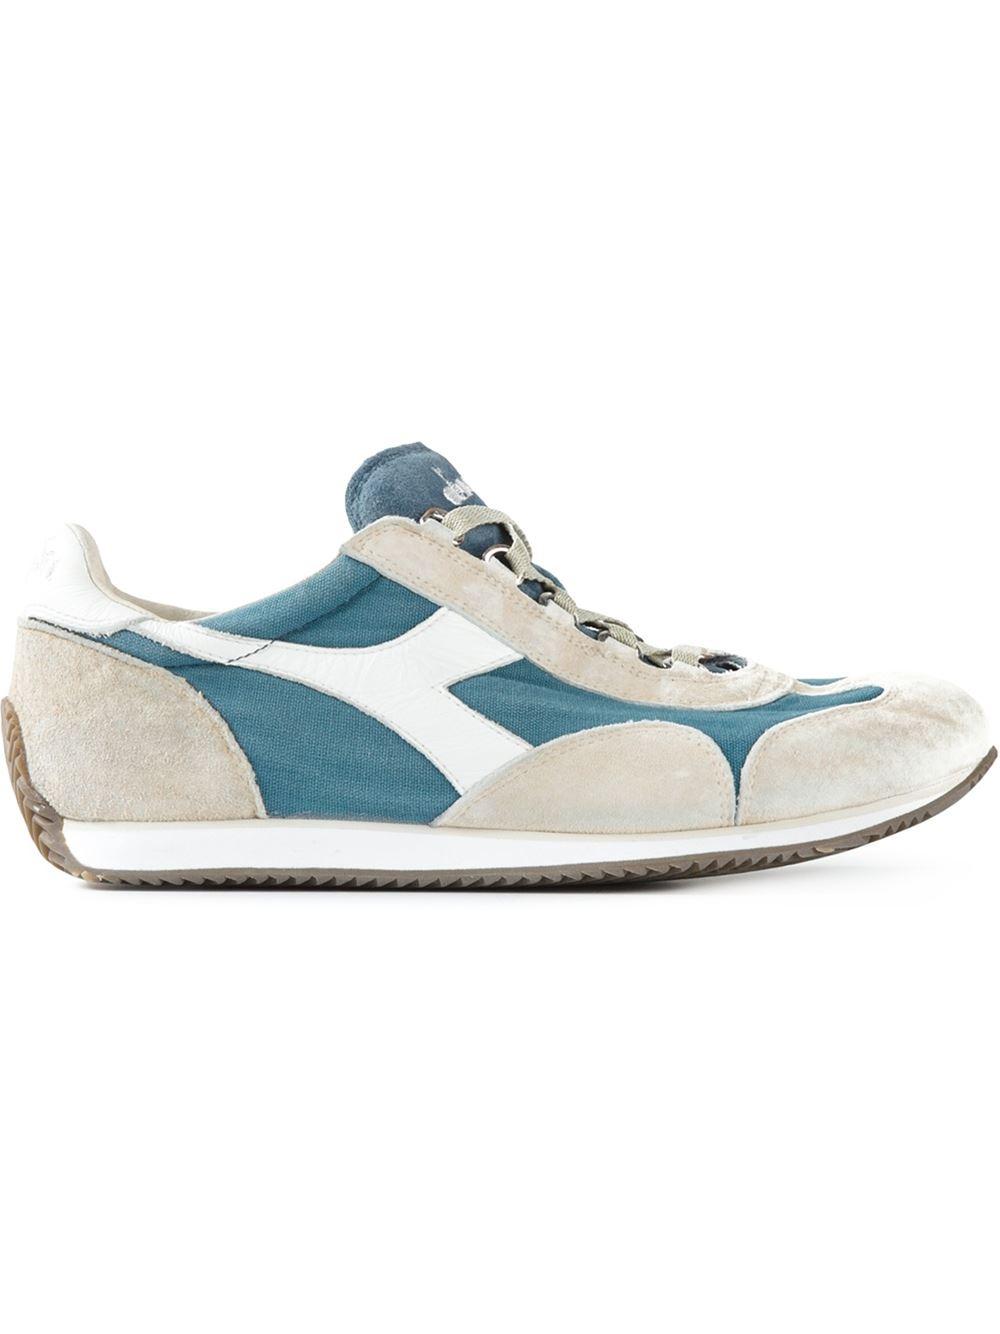 diadora sneakers - photo #27